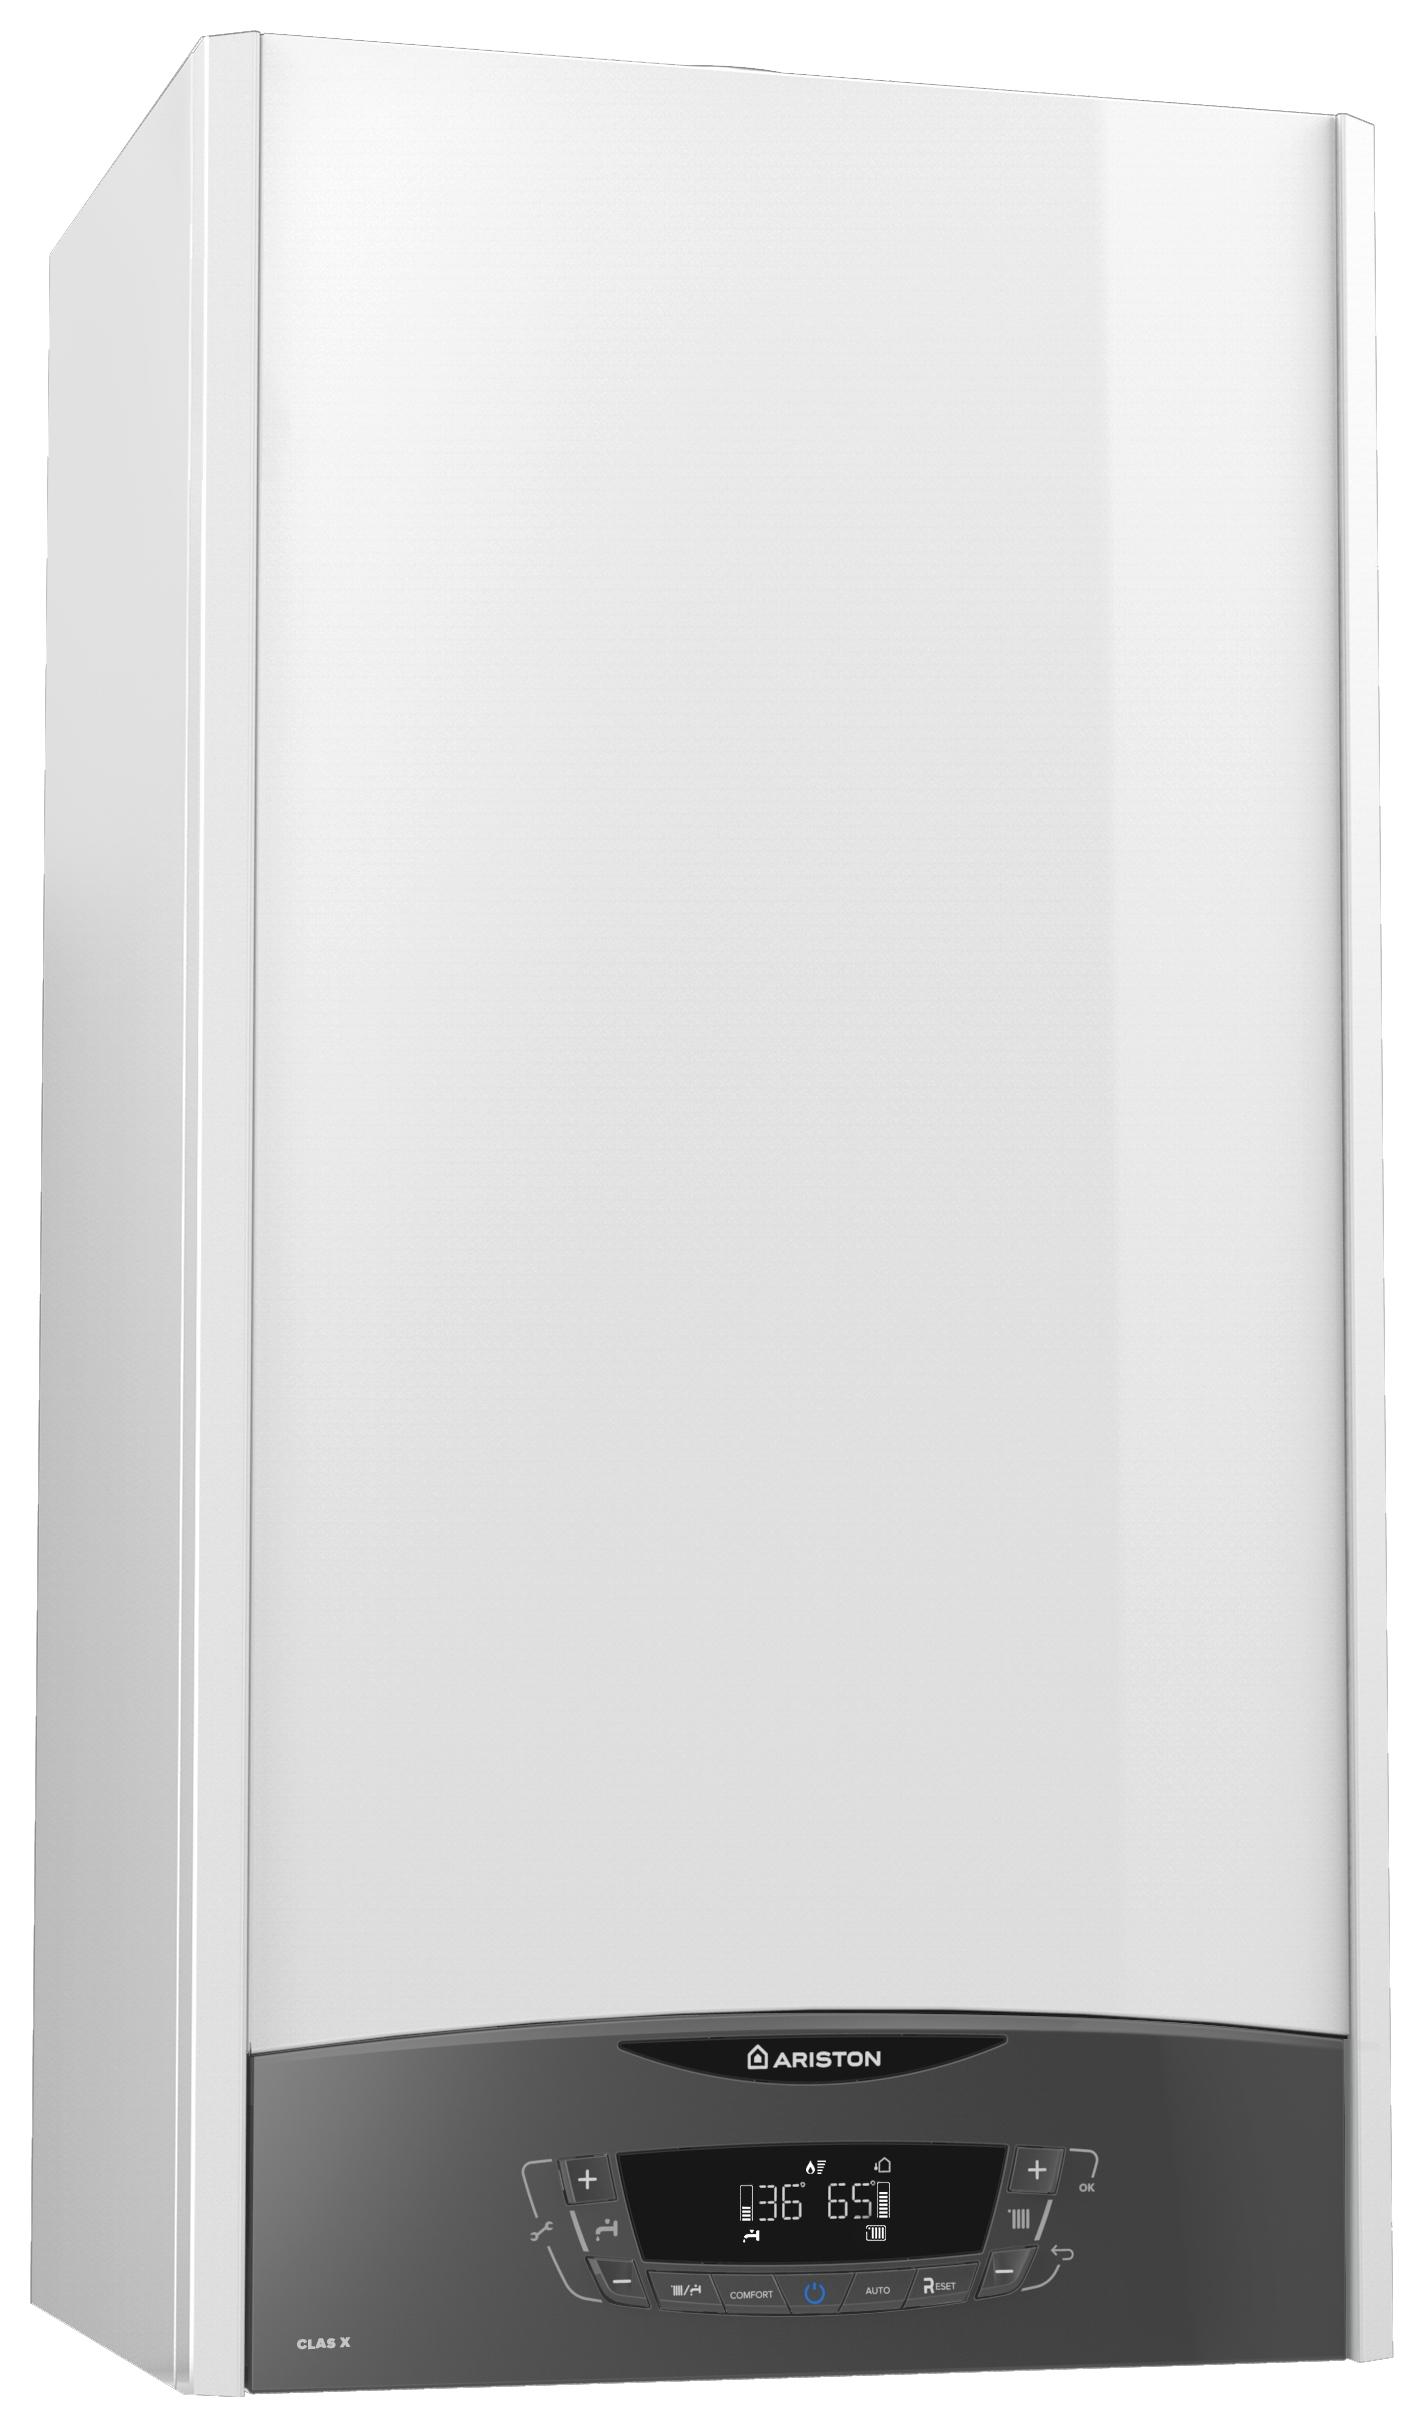 Газовый отопительный котел ARISTON CLAS X SYSTEM 24 FF (RU) 3300873 фото